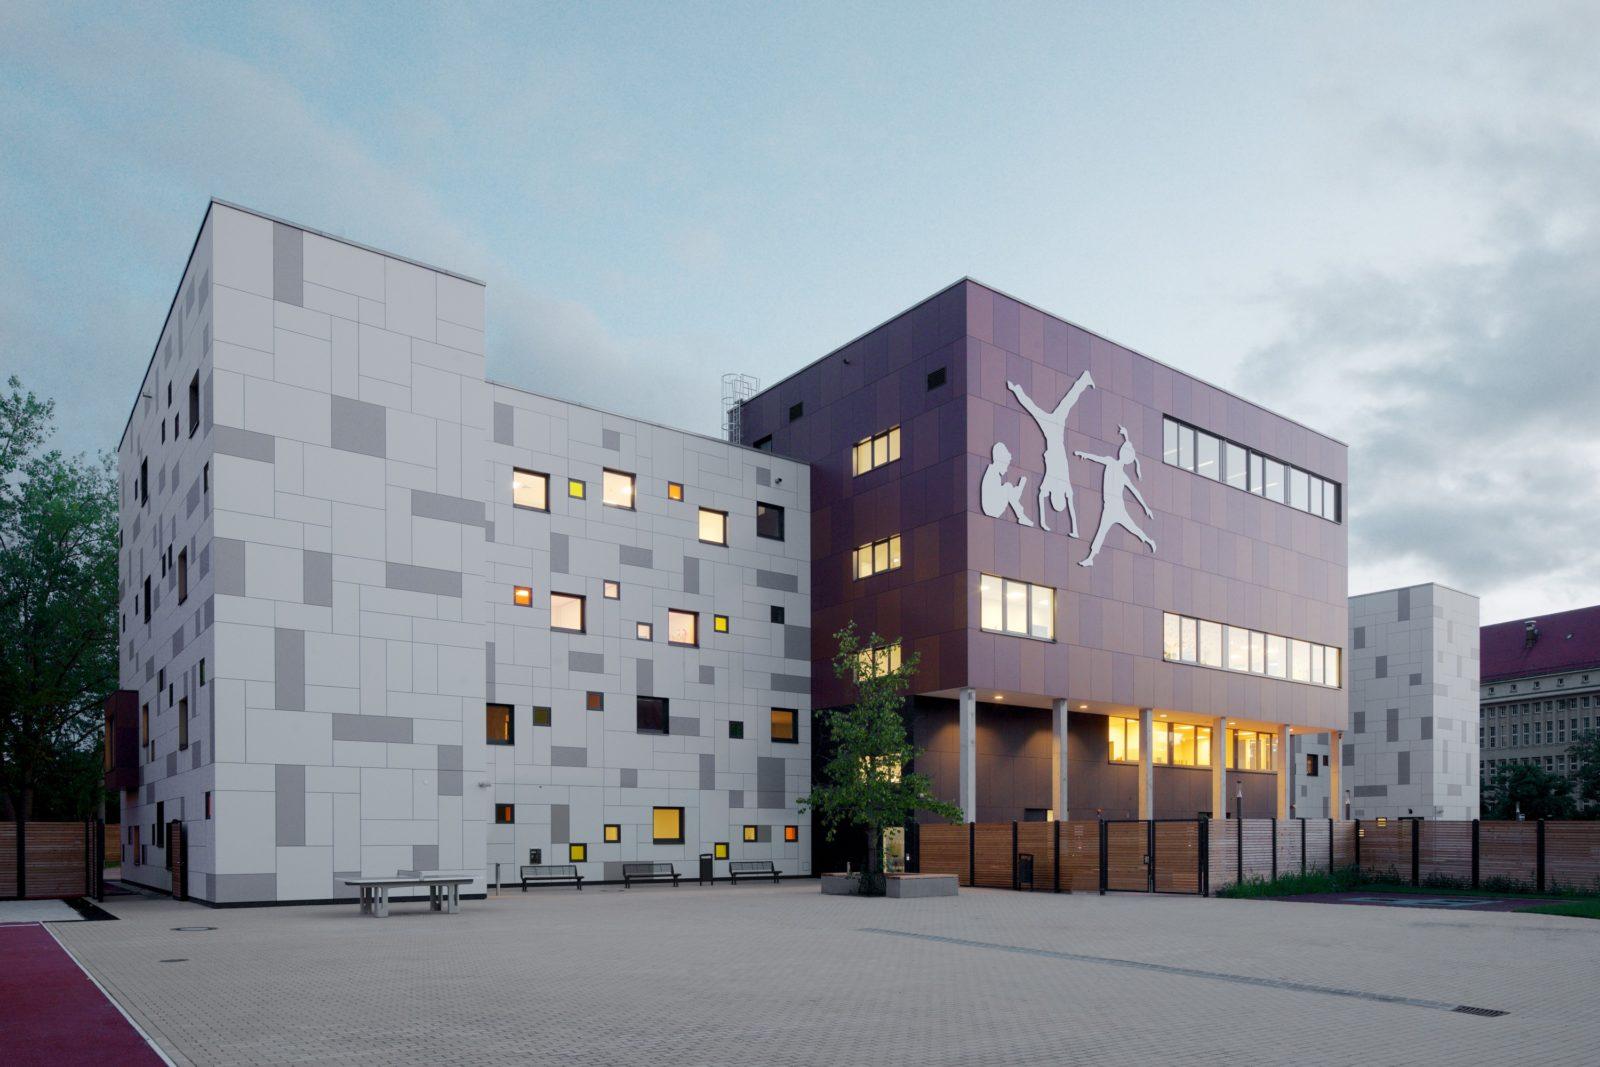 Neubau Kita und Förderschule an der alten Messe, Leipzig - Schulhof